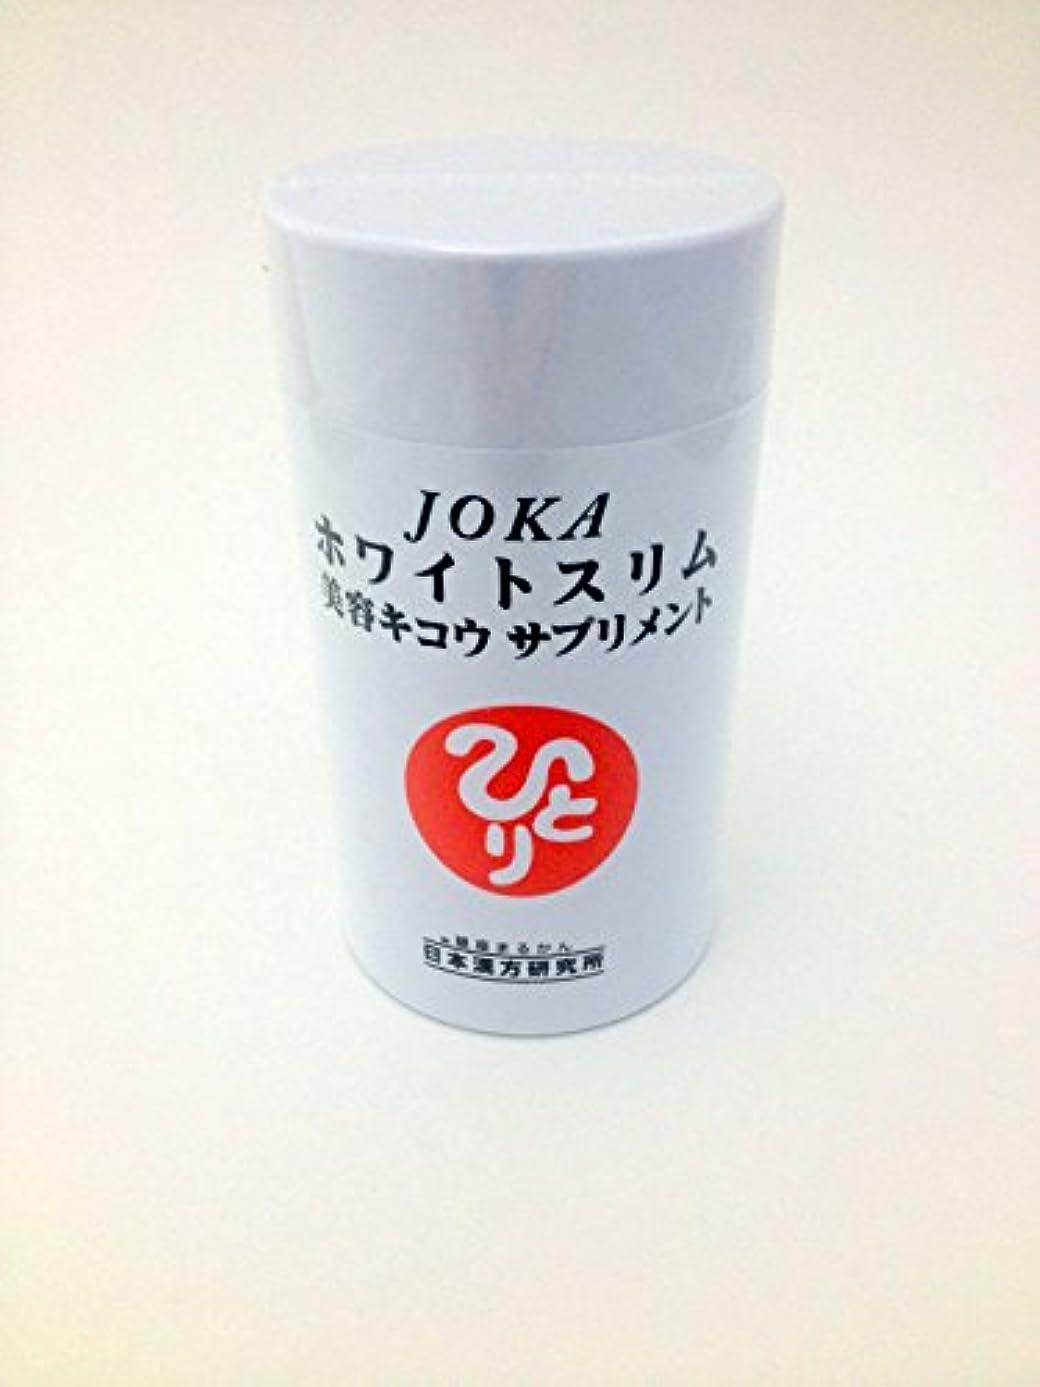 かなり戦いジーンズJOKAホワイトスリム美容キコウサプリメント